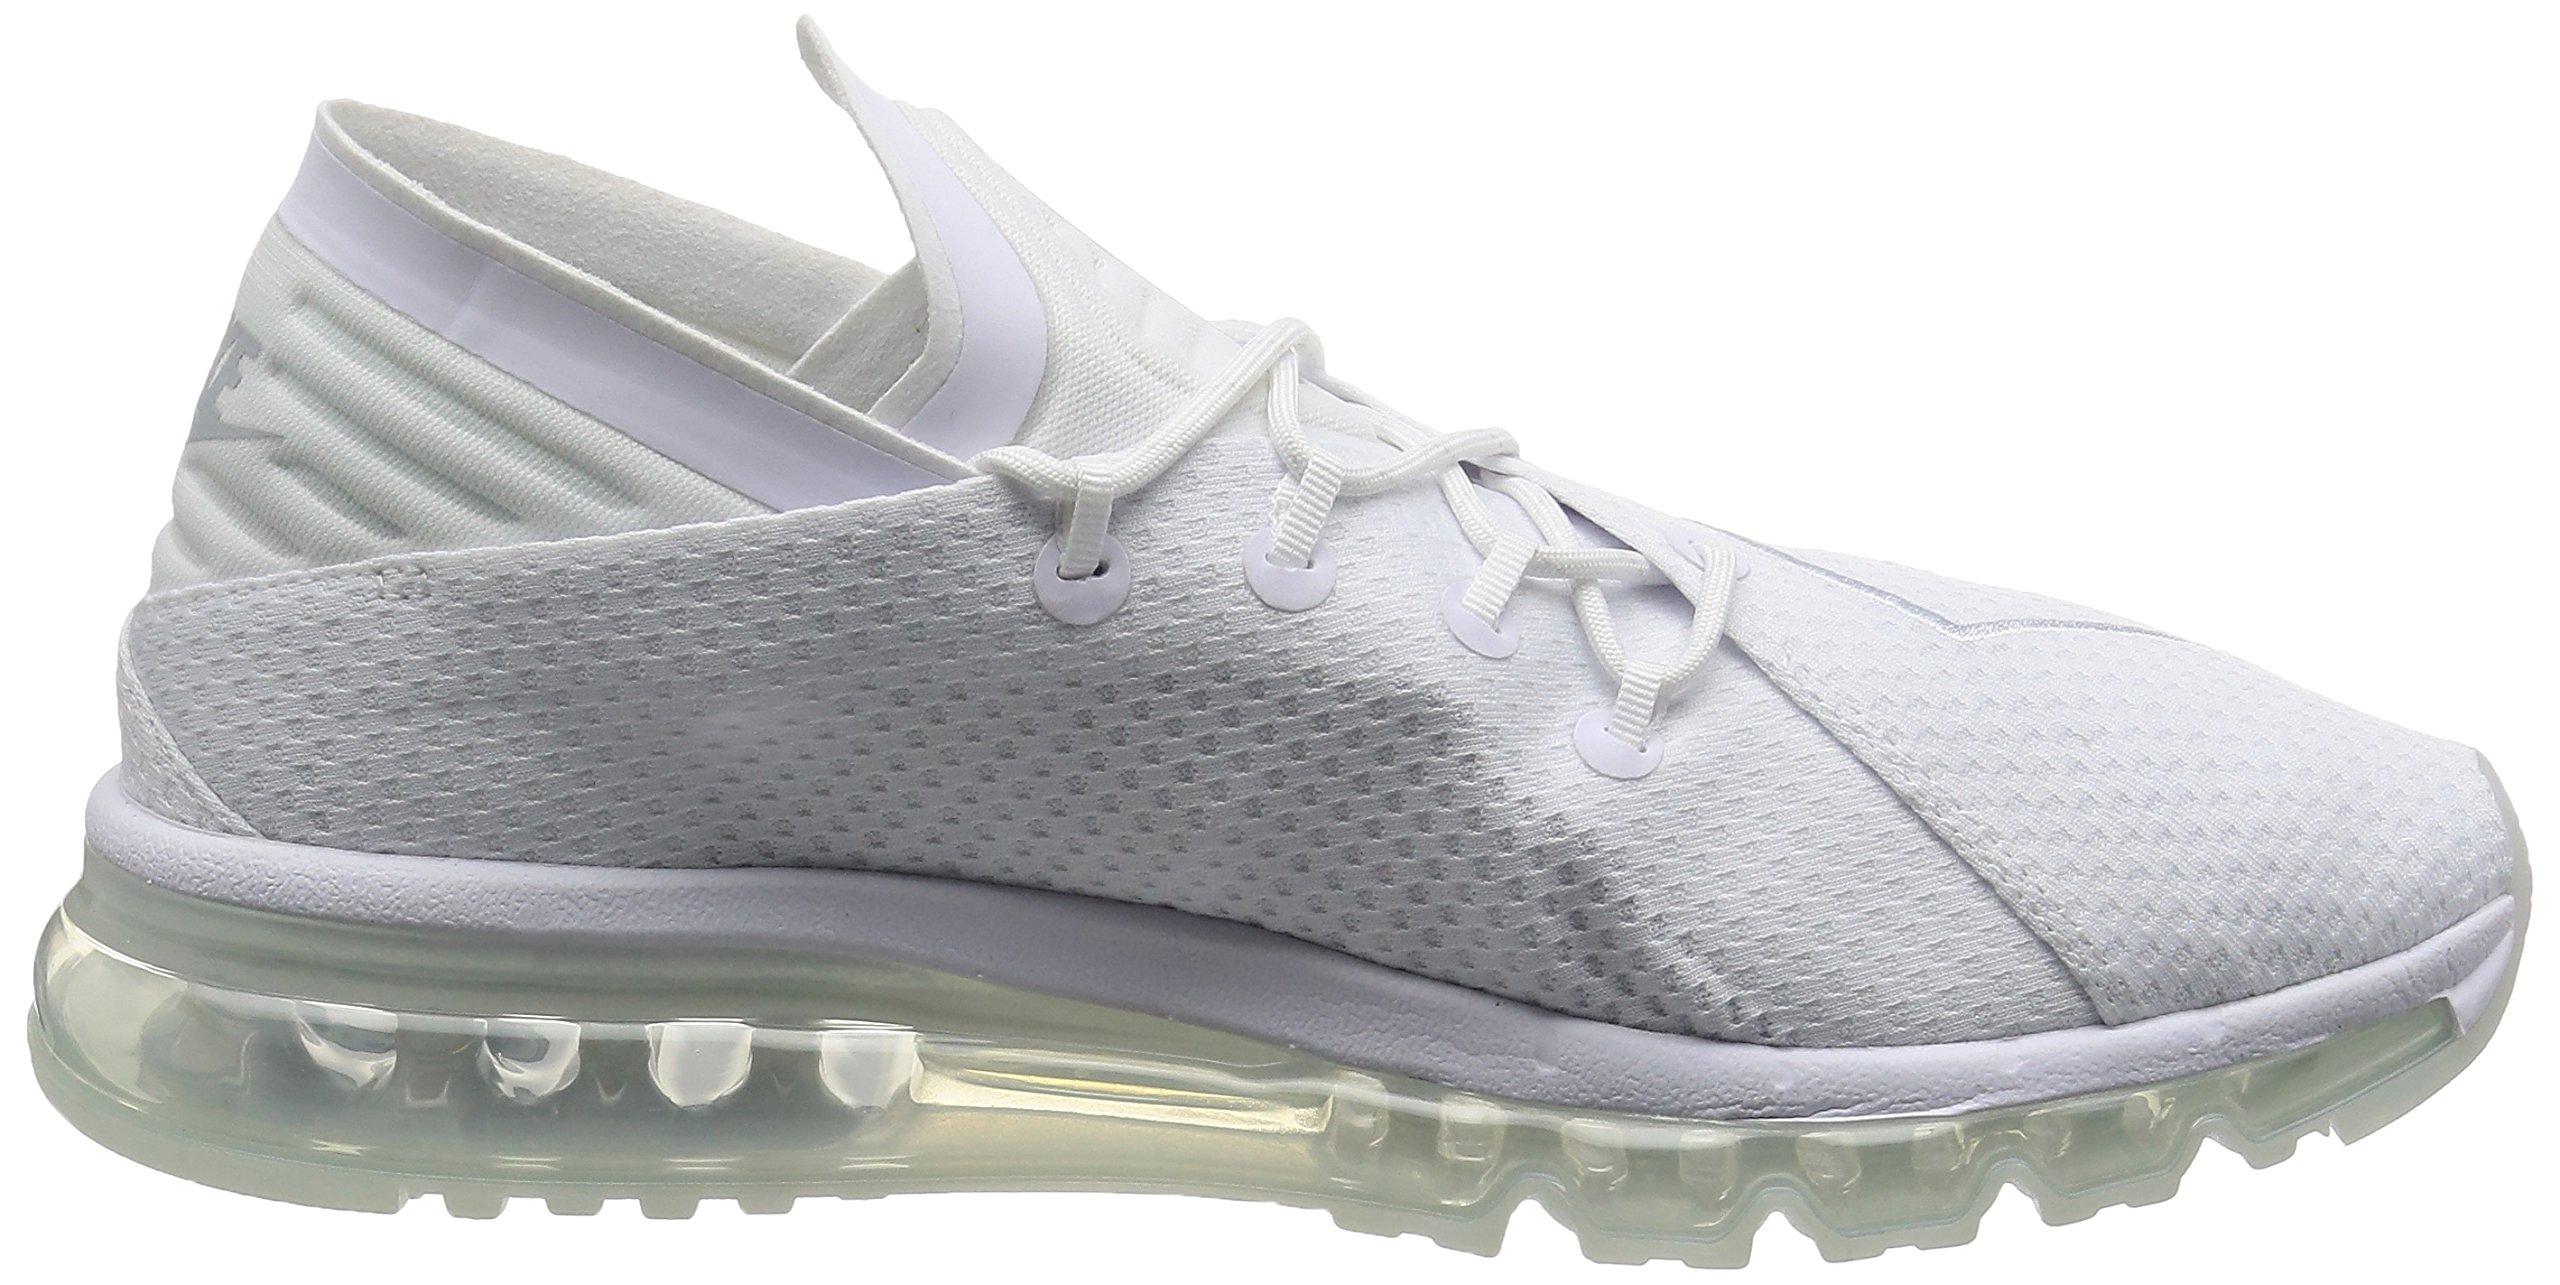 811Tkcp36EL - Nike Mens - Air Max Flair - Triple White - 942236-100